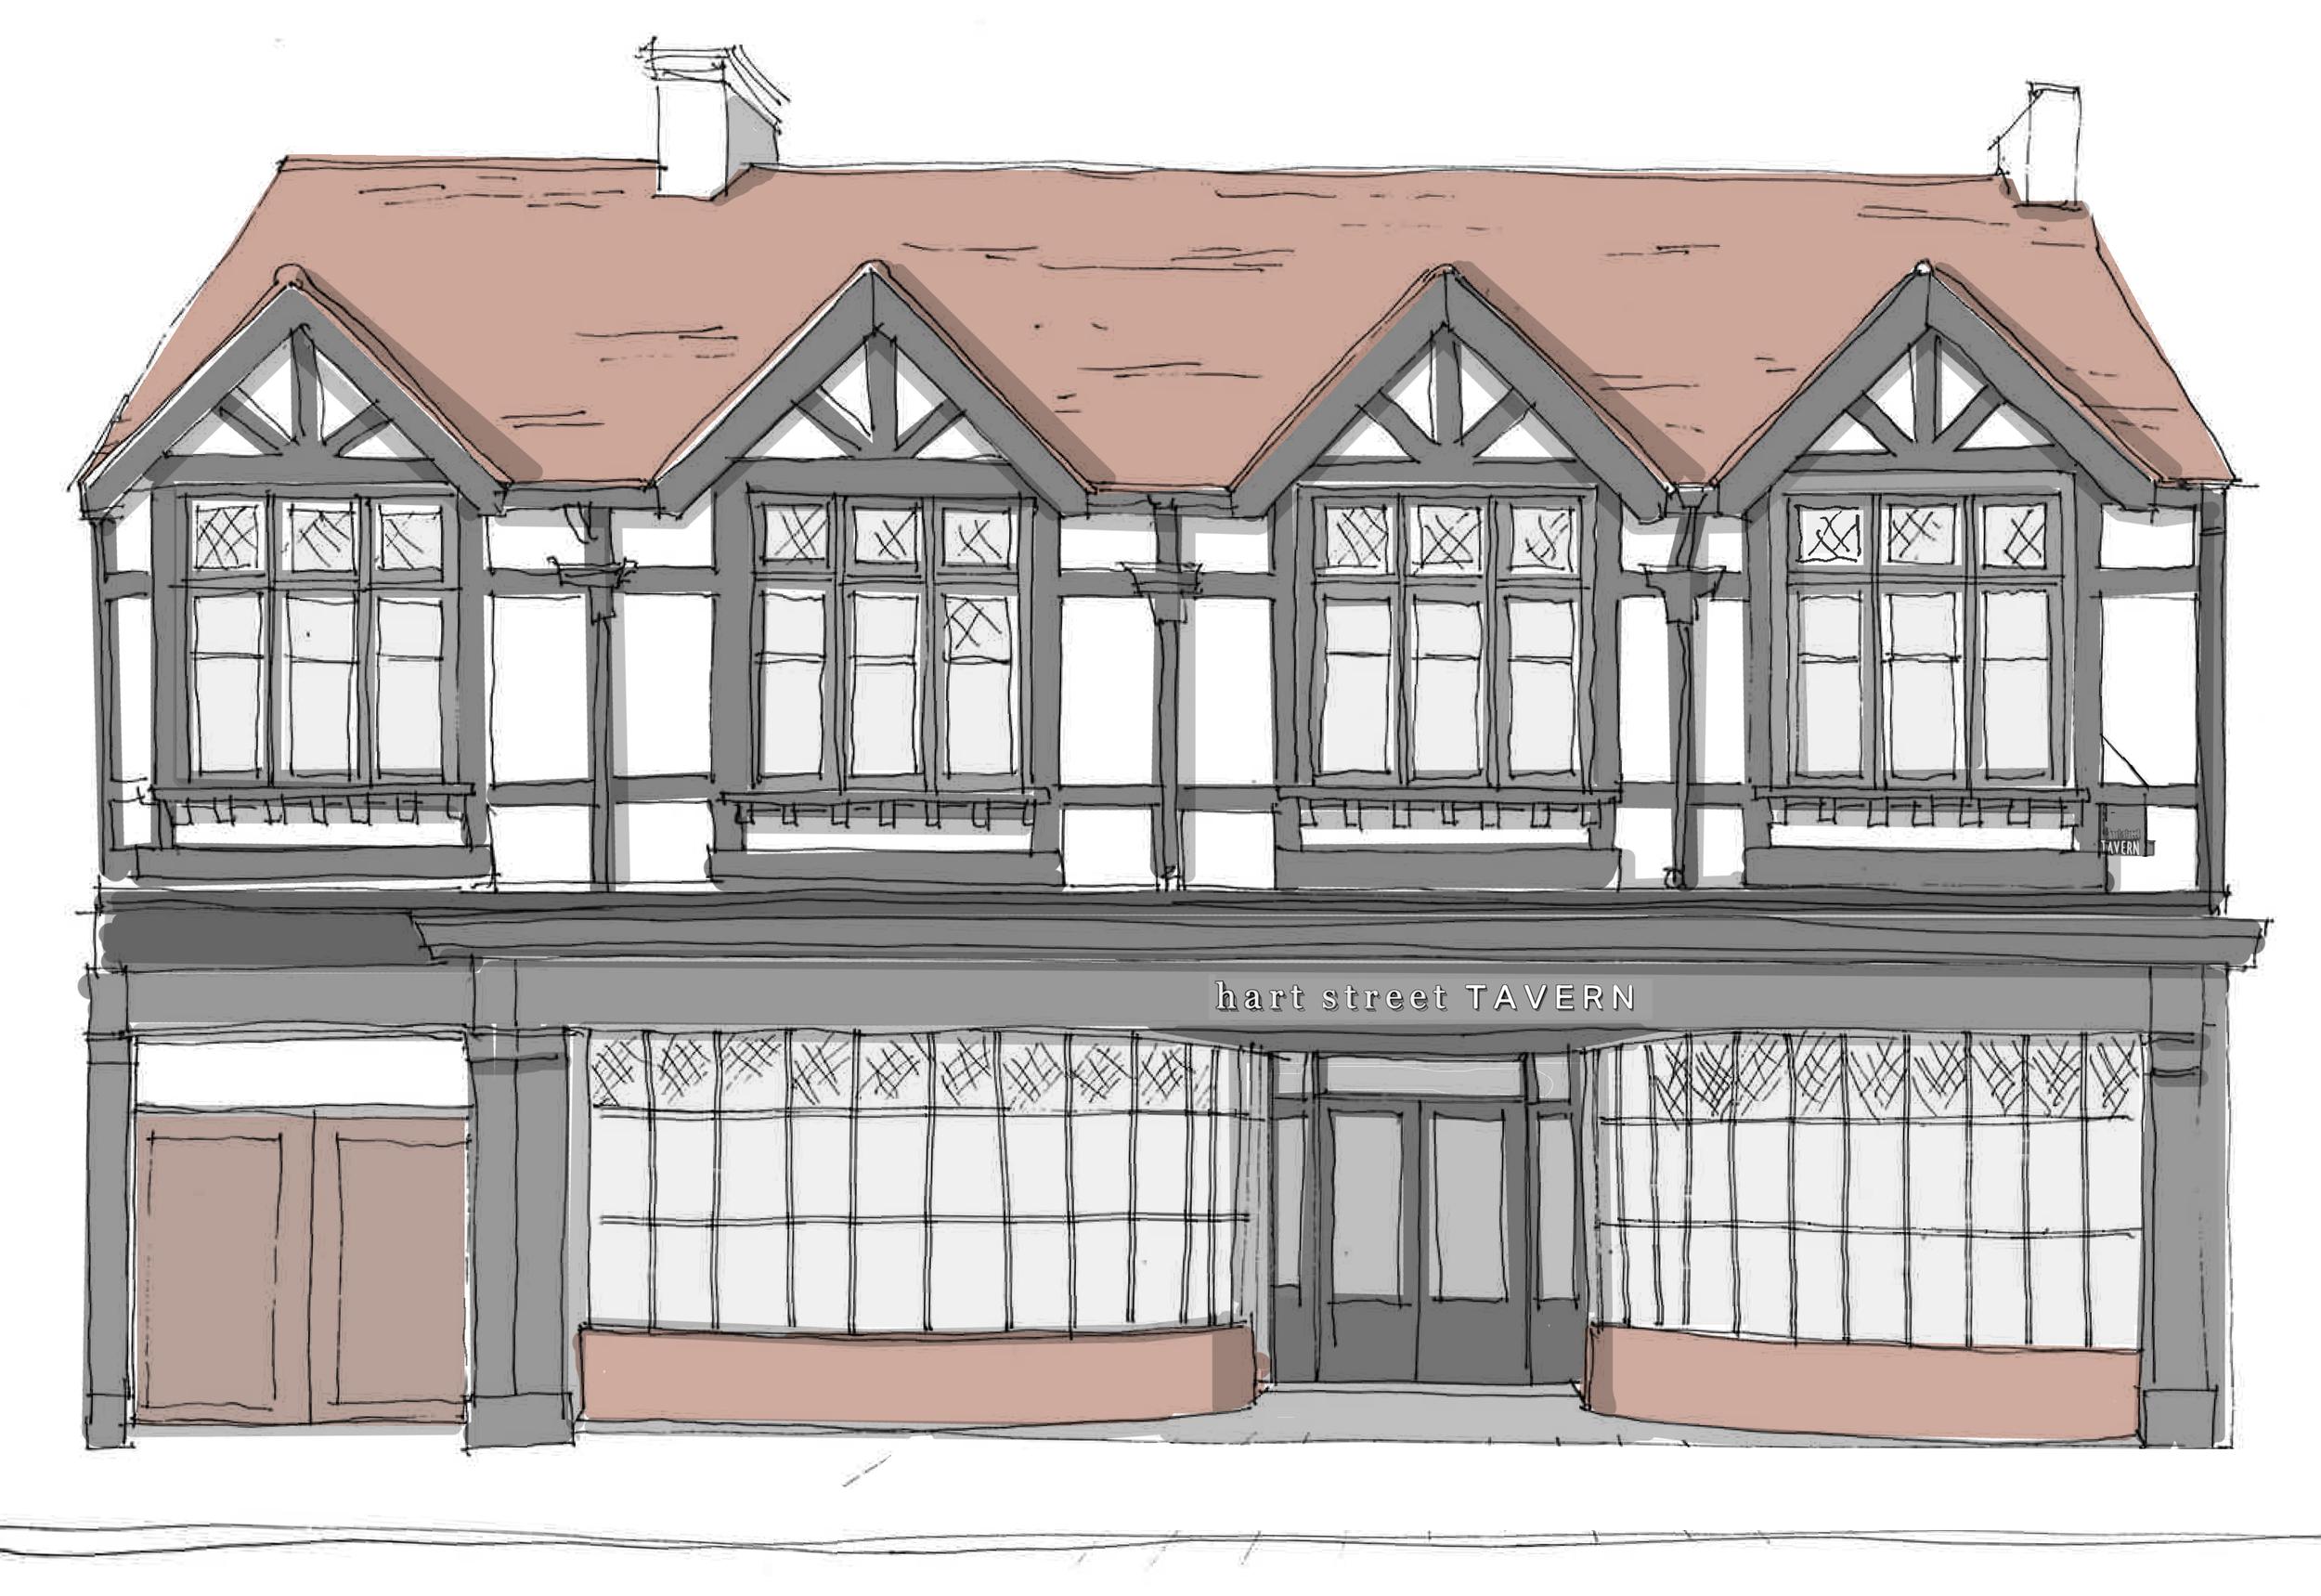 Hart+Street+Tavern+External+Sketch.png